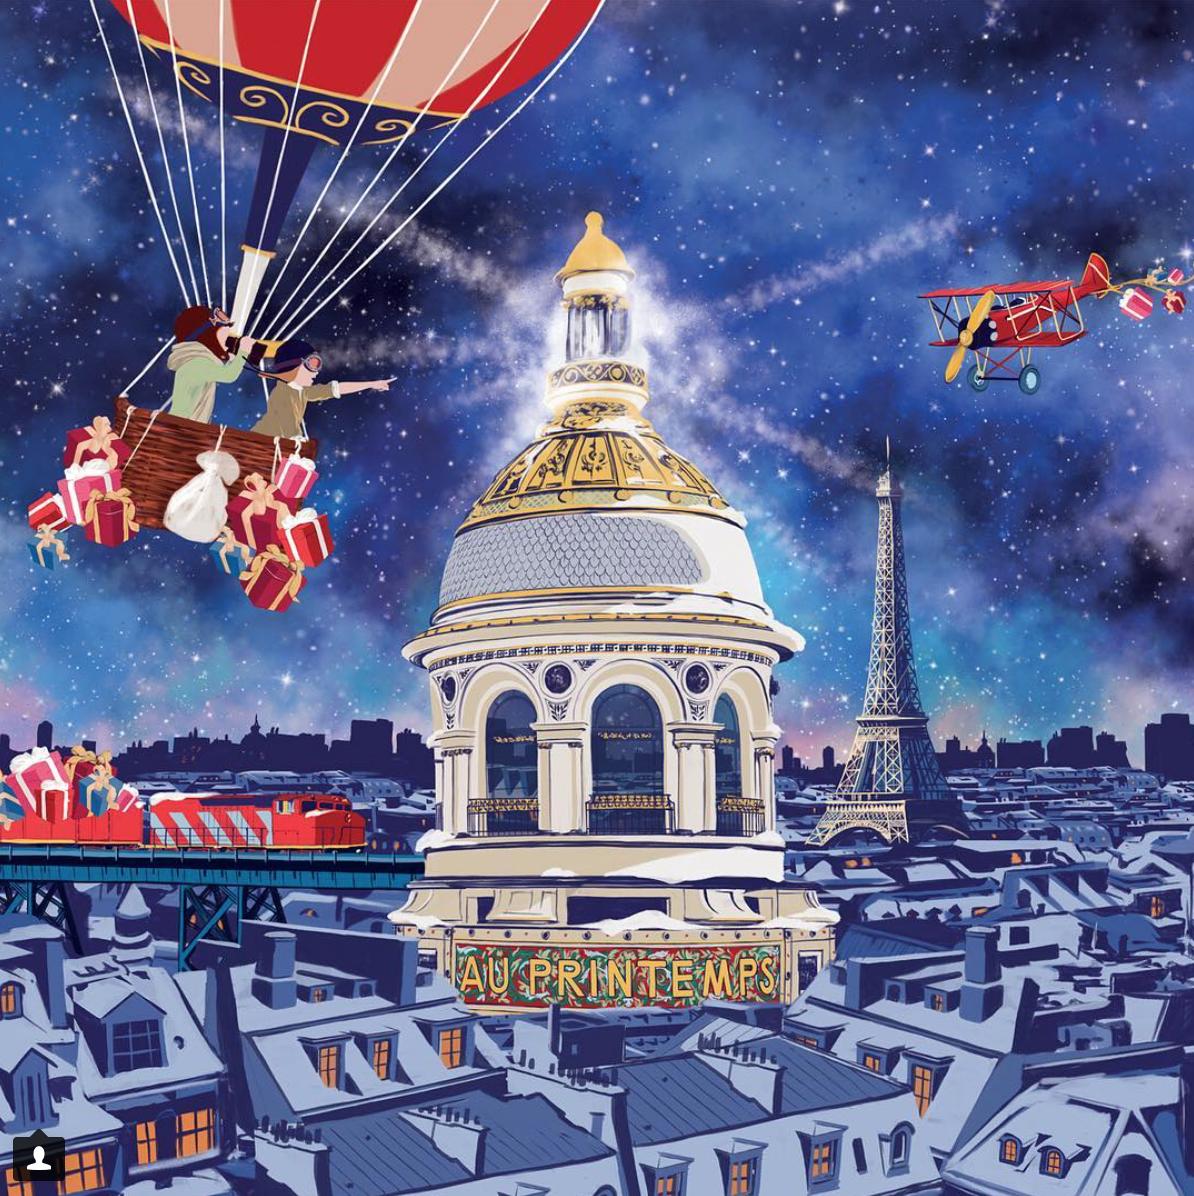 Párizs nagyáruházai karácsonyi pompában